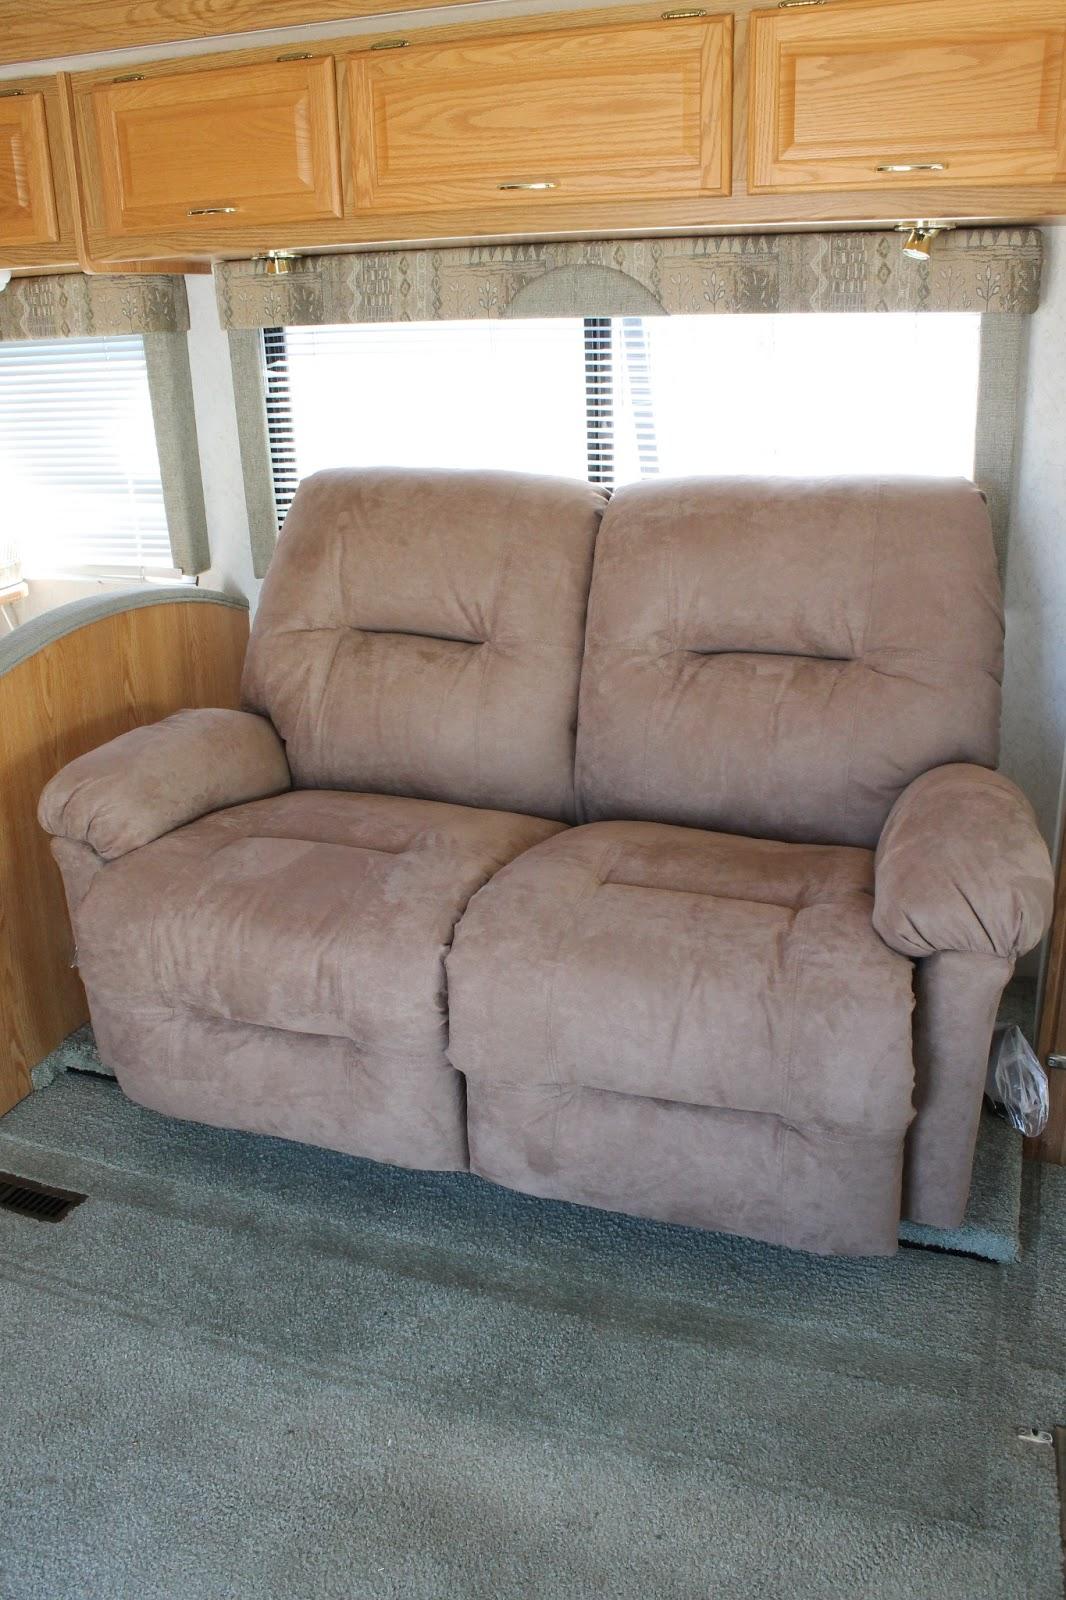 scotch and sofa usado olx sp countryside interiors transforming rvs trailers